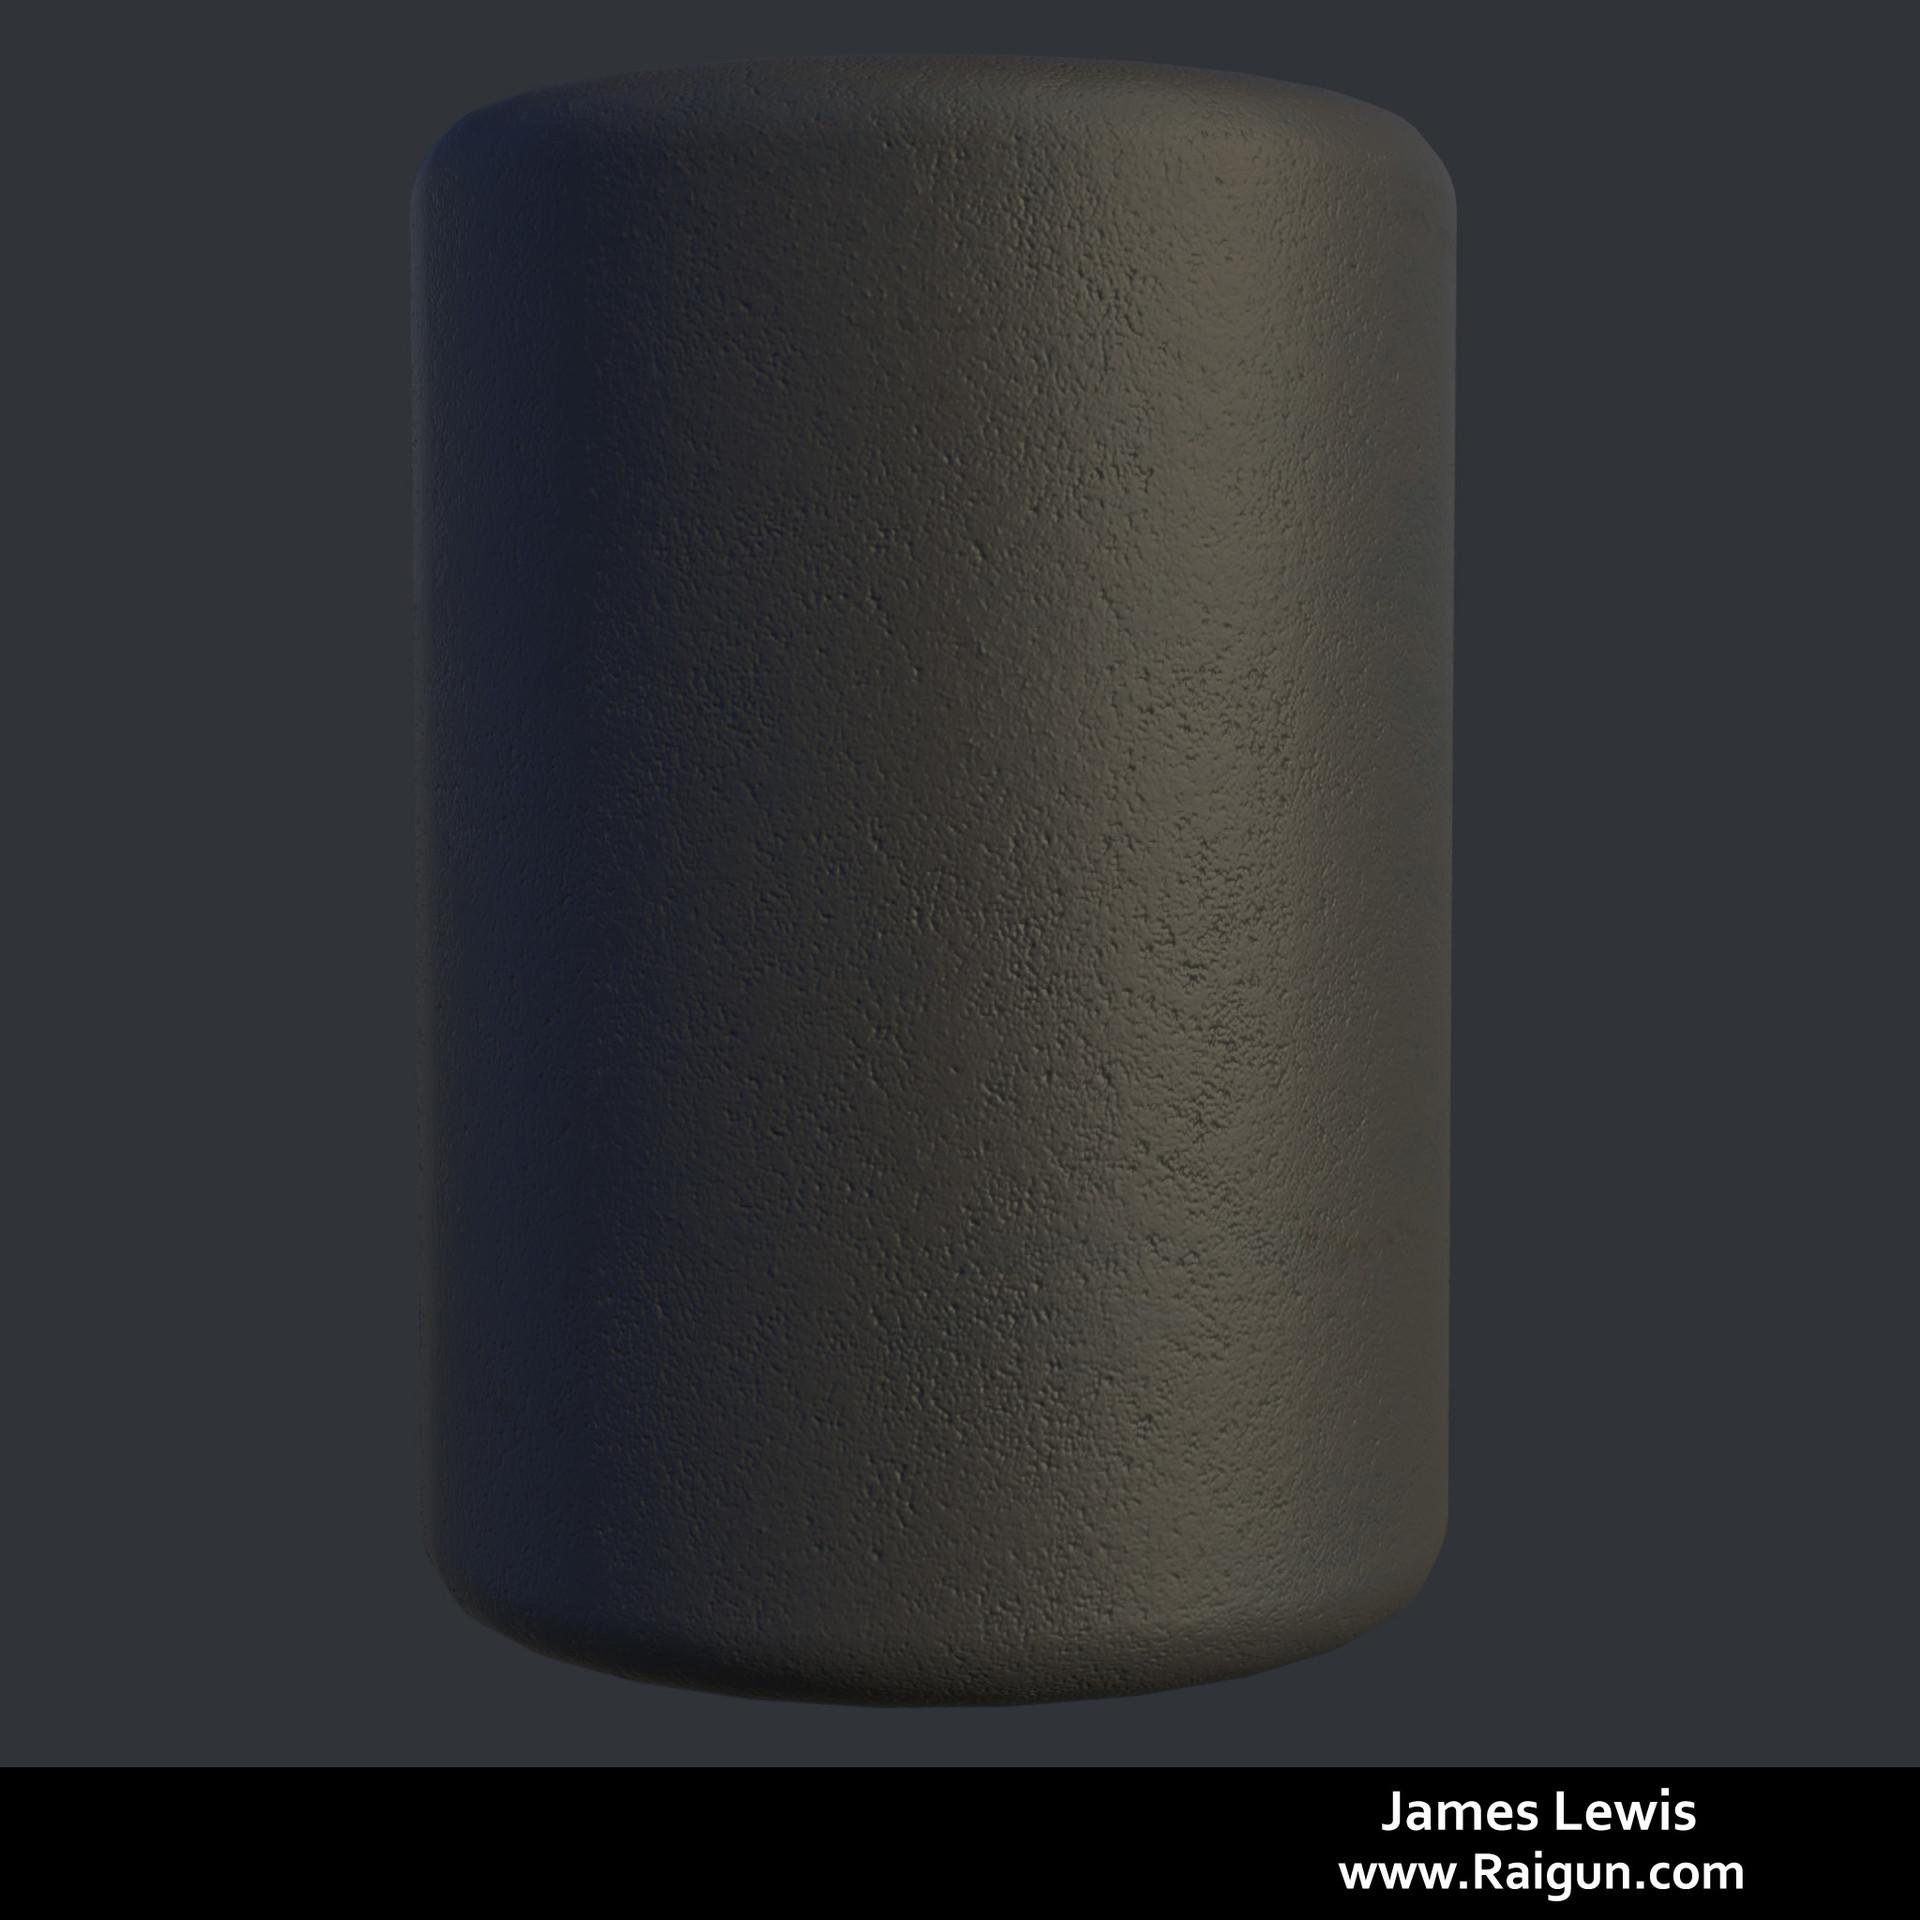 James lewis baserubber 001